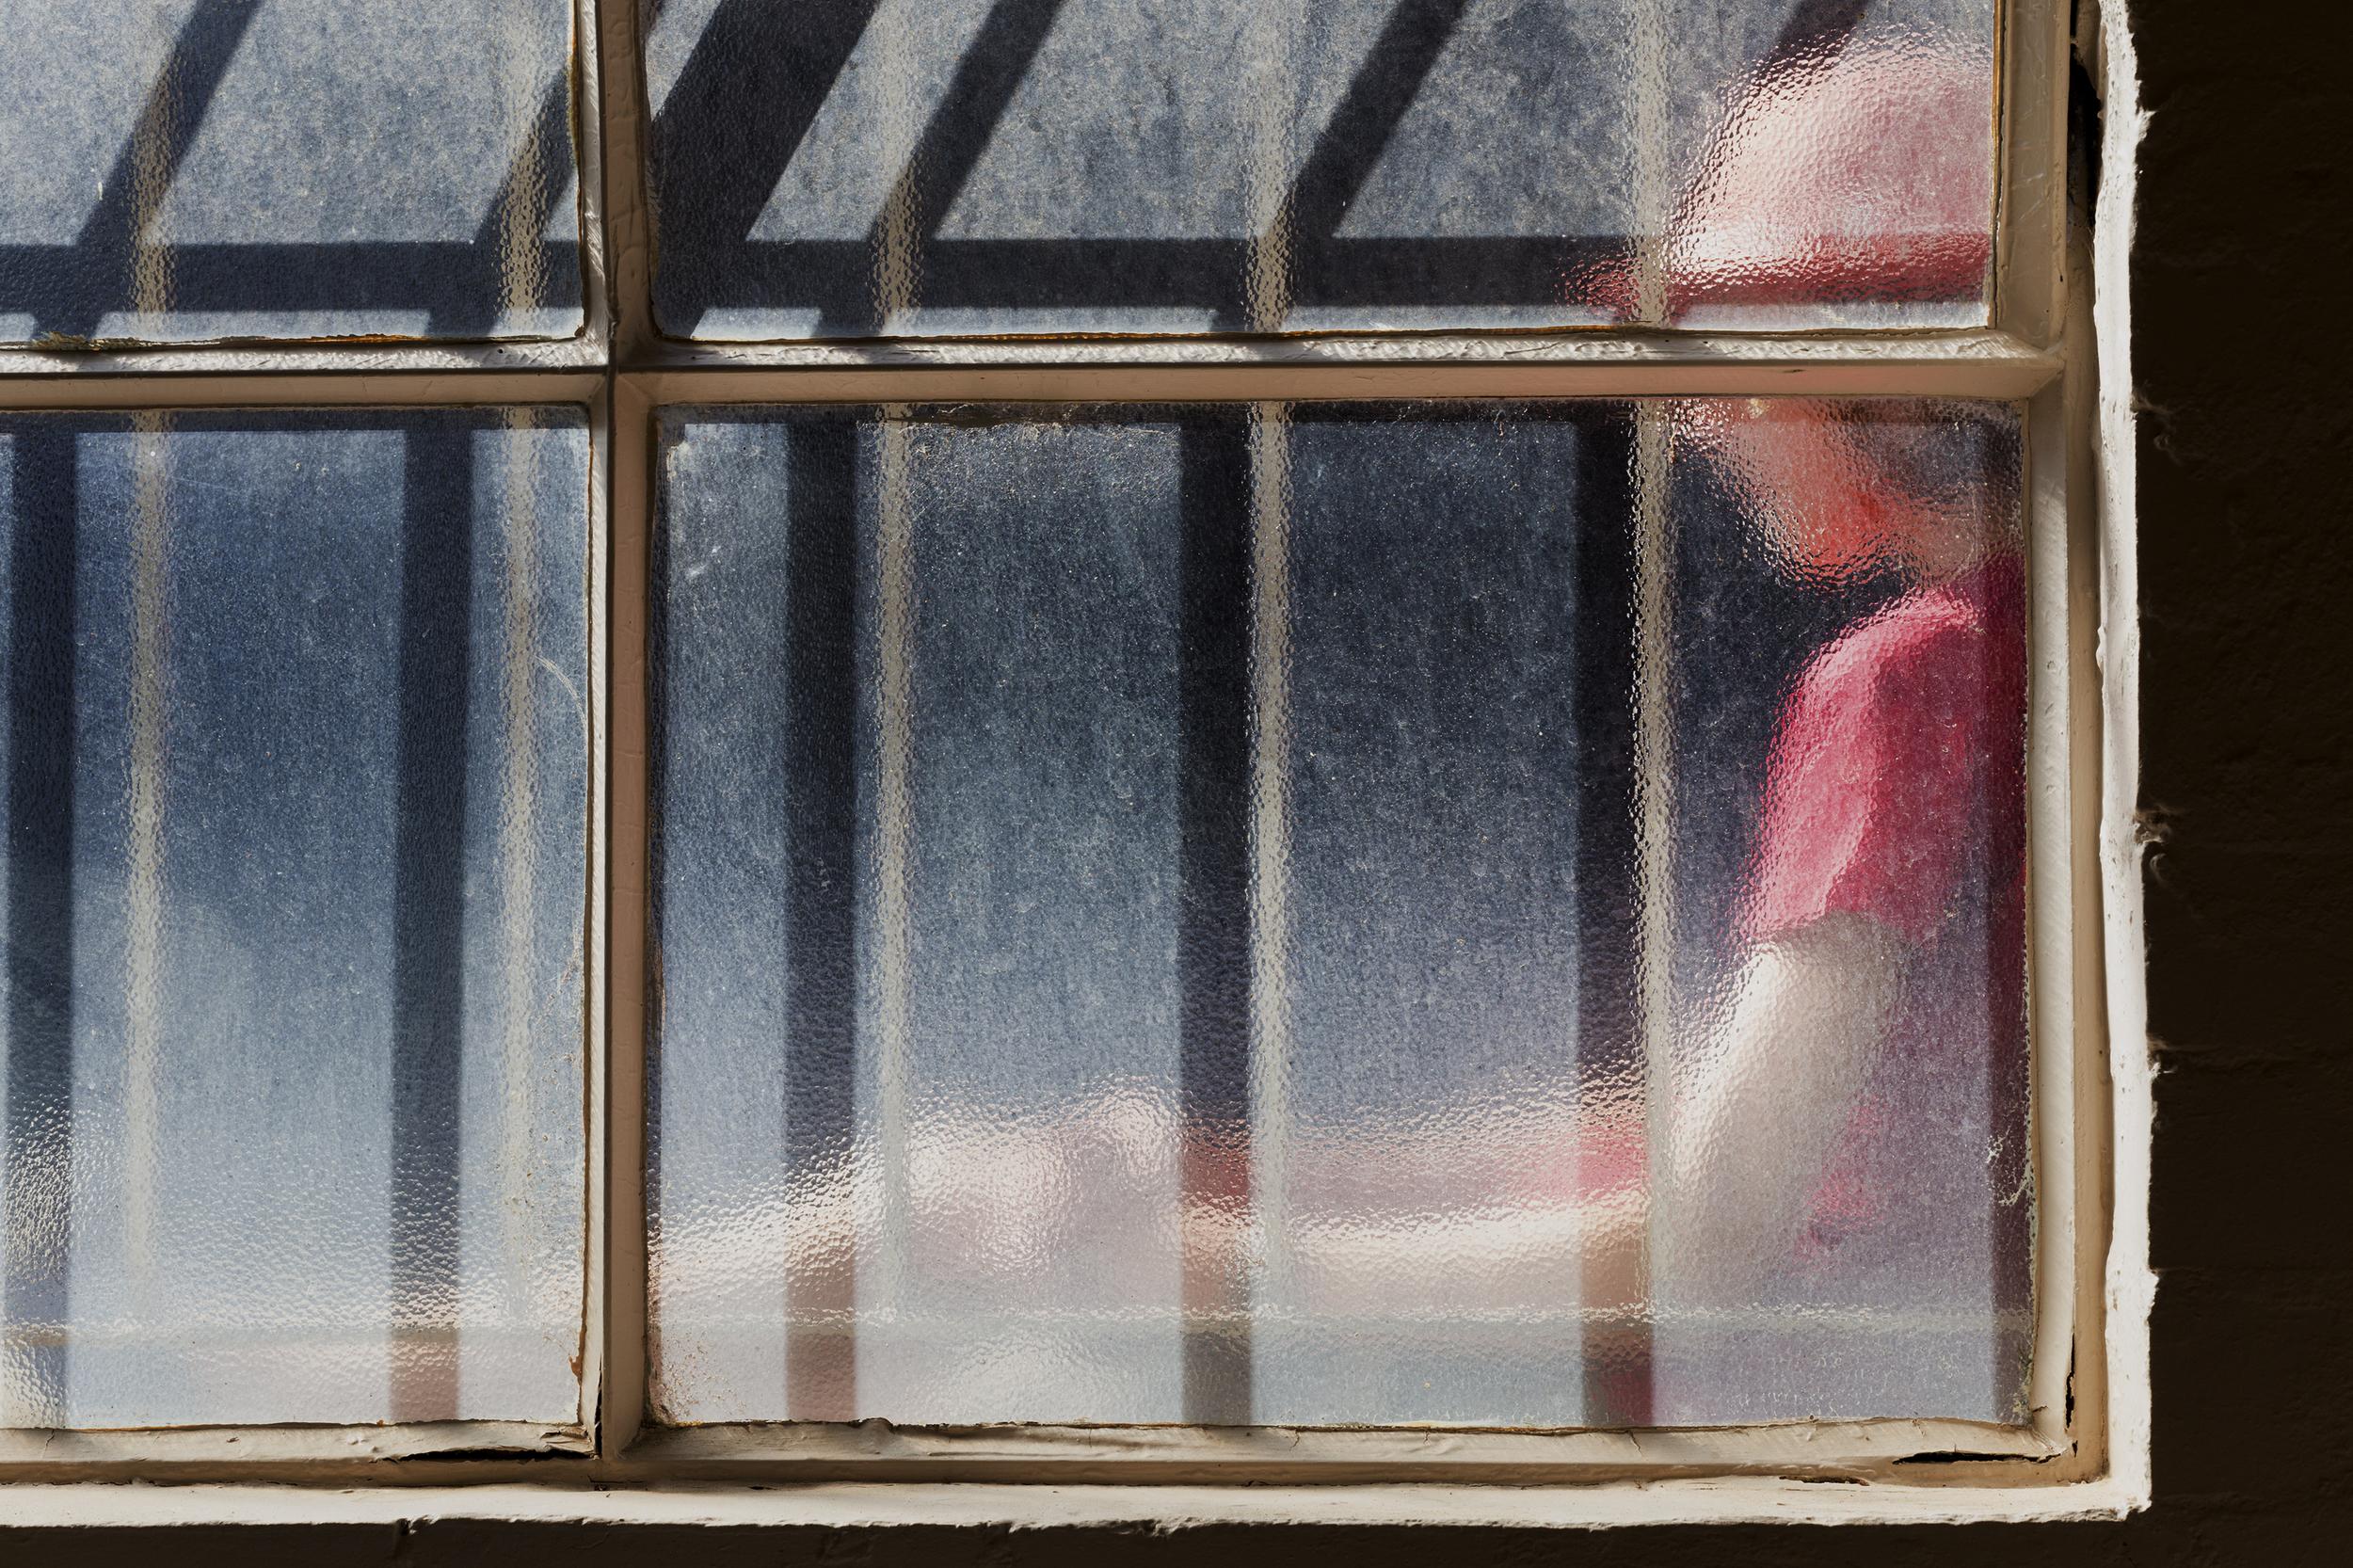 Zak_Window_web.jpg